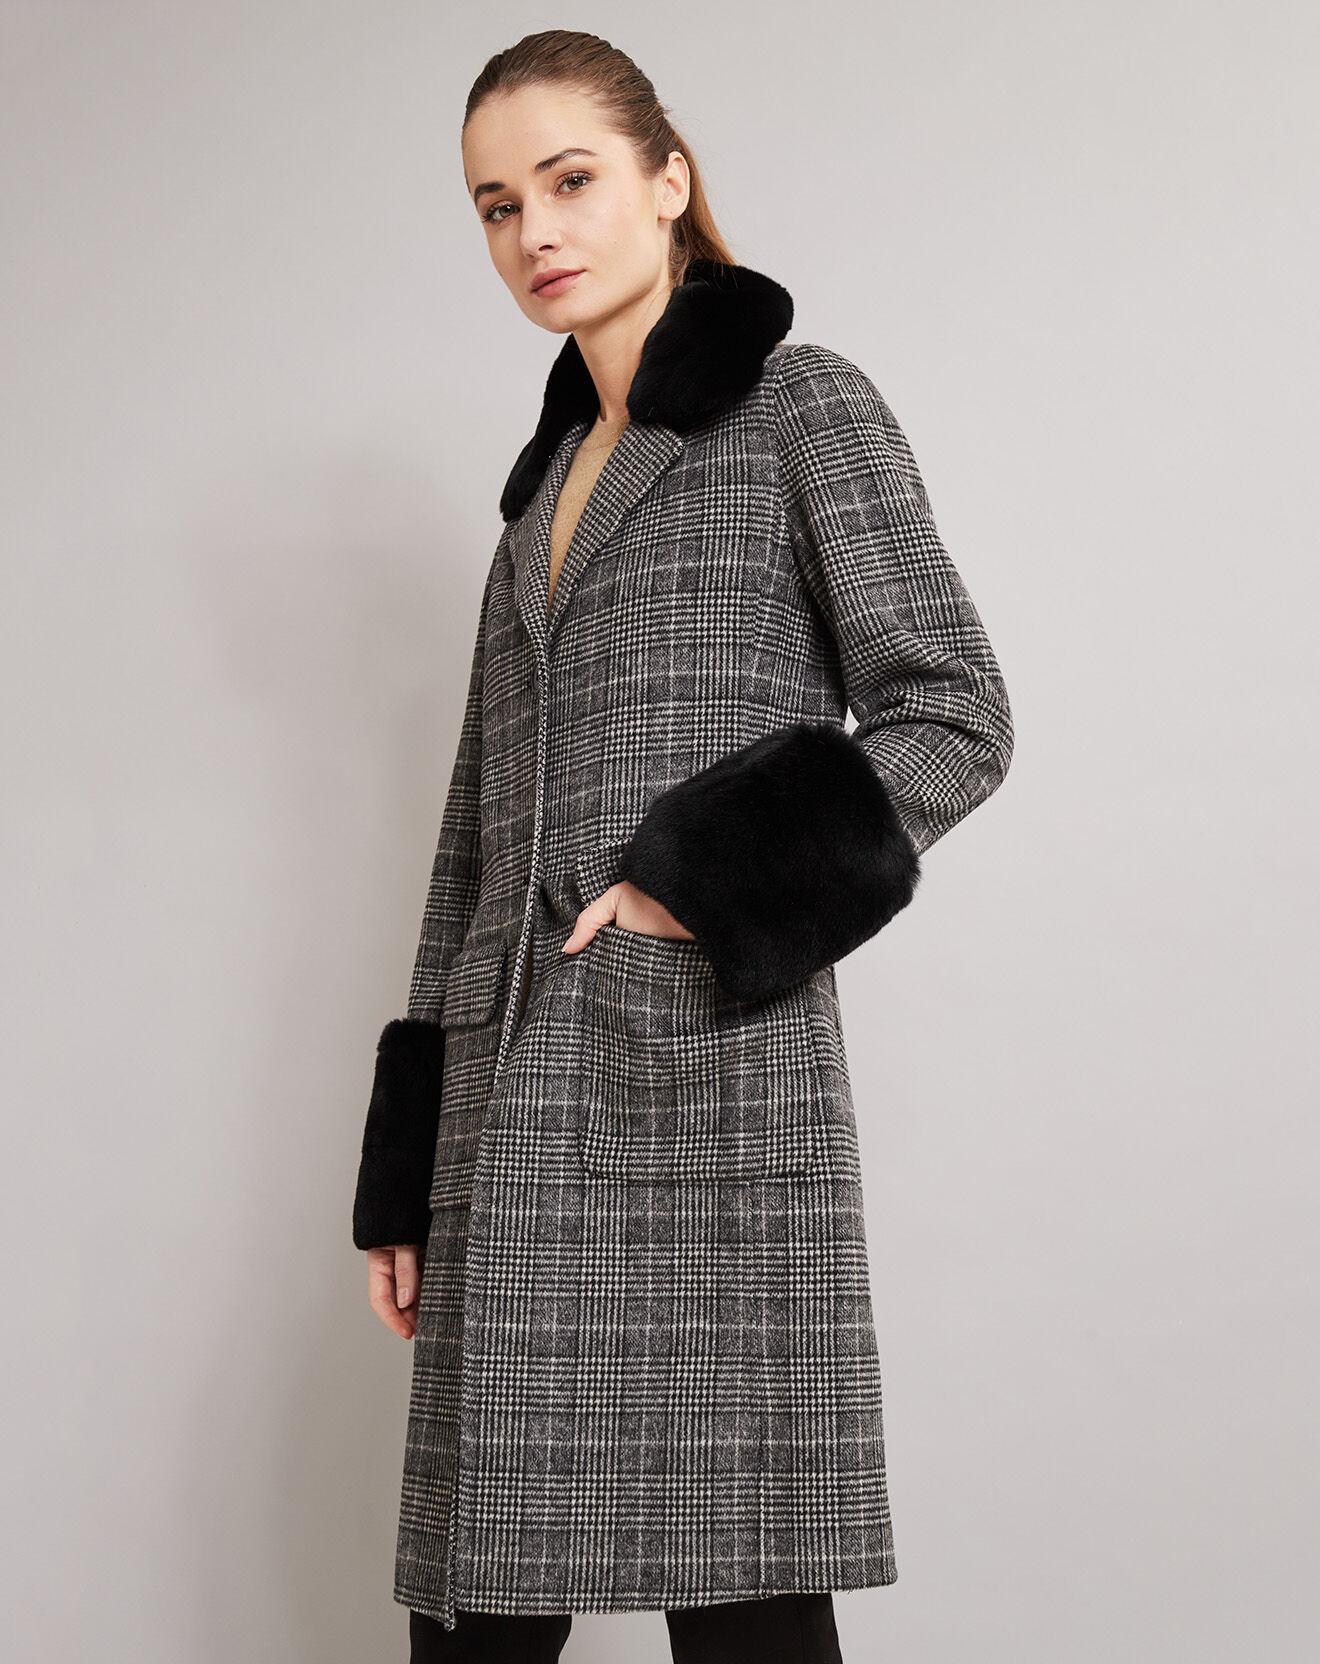 Manteau en Laine mélangée Fourrure Lapin carré gris/noir